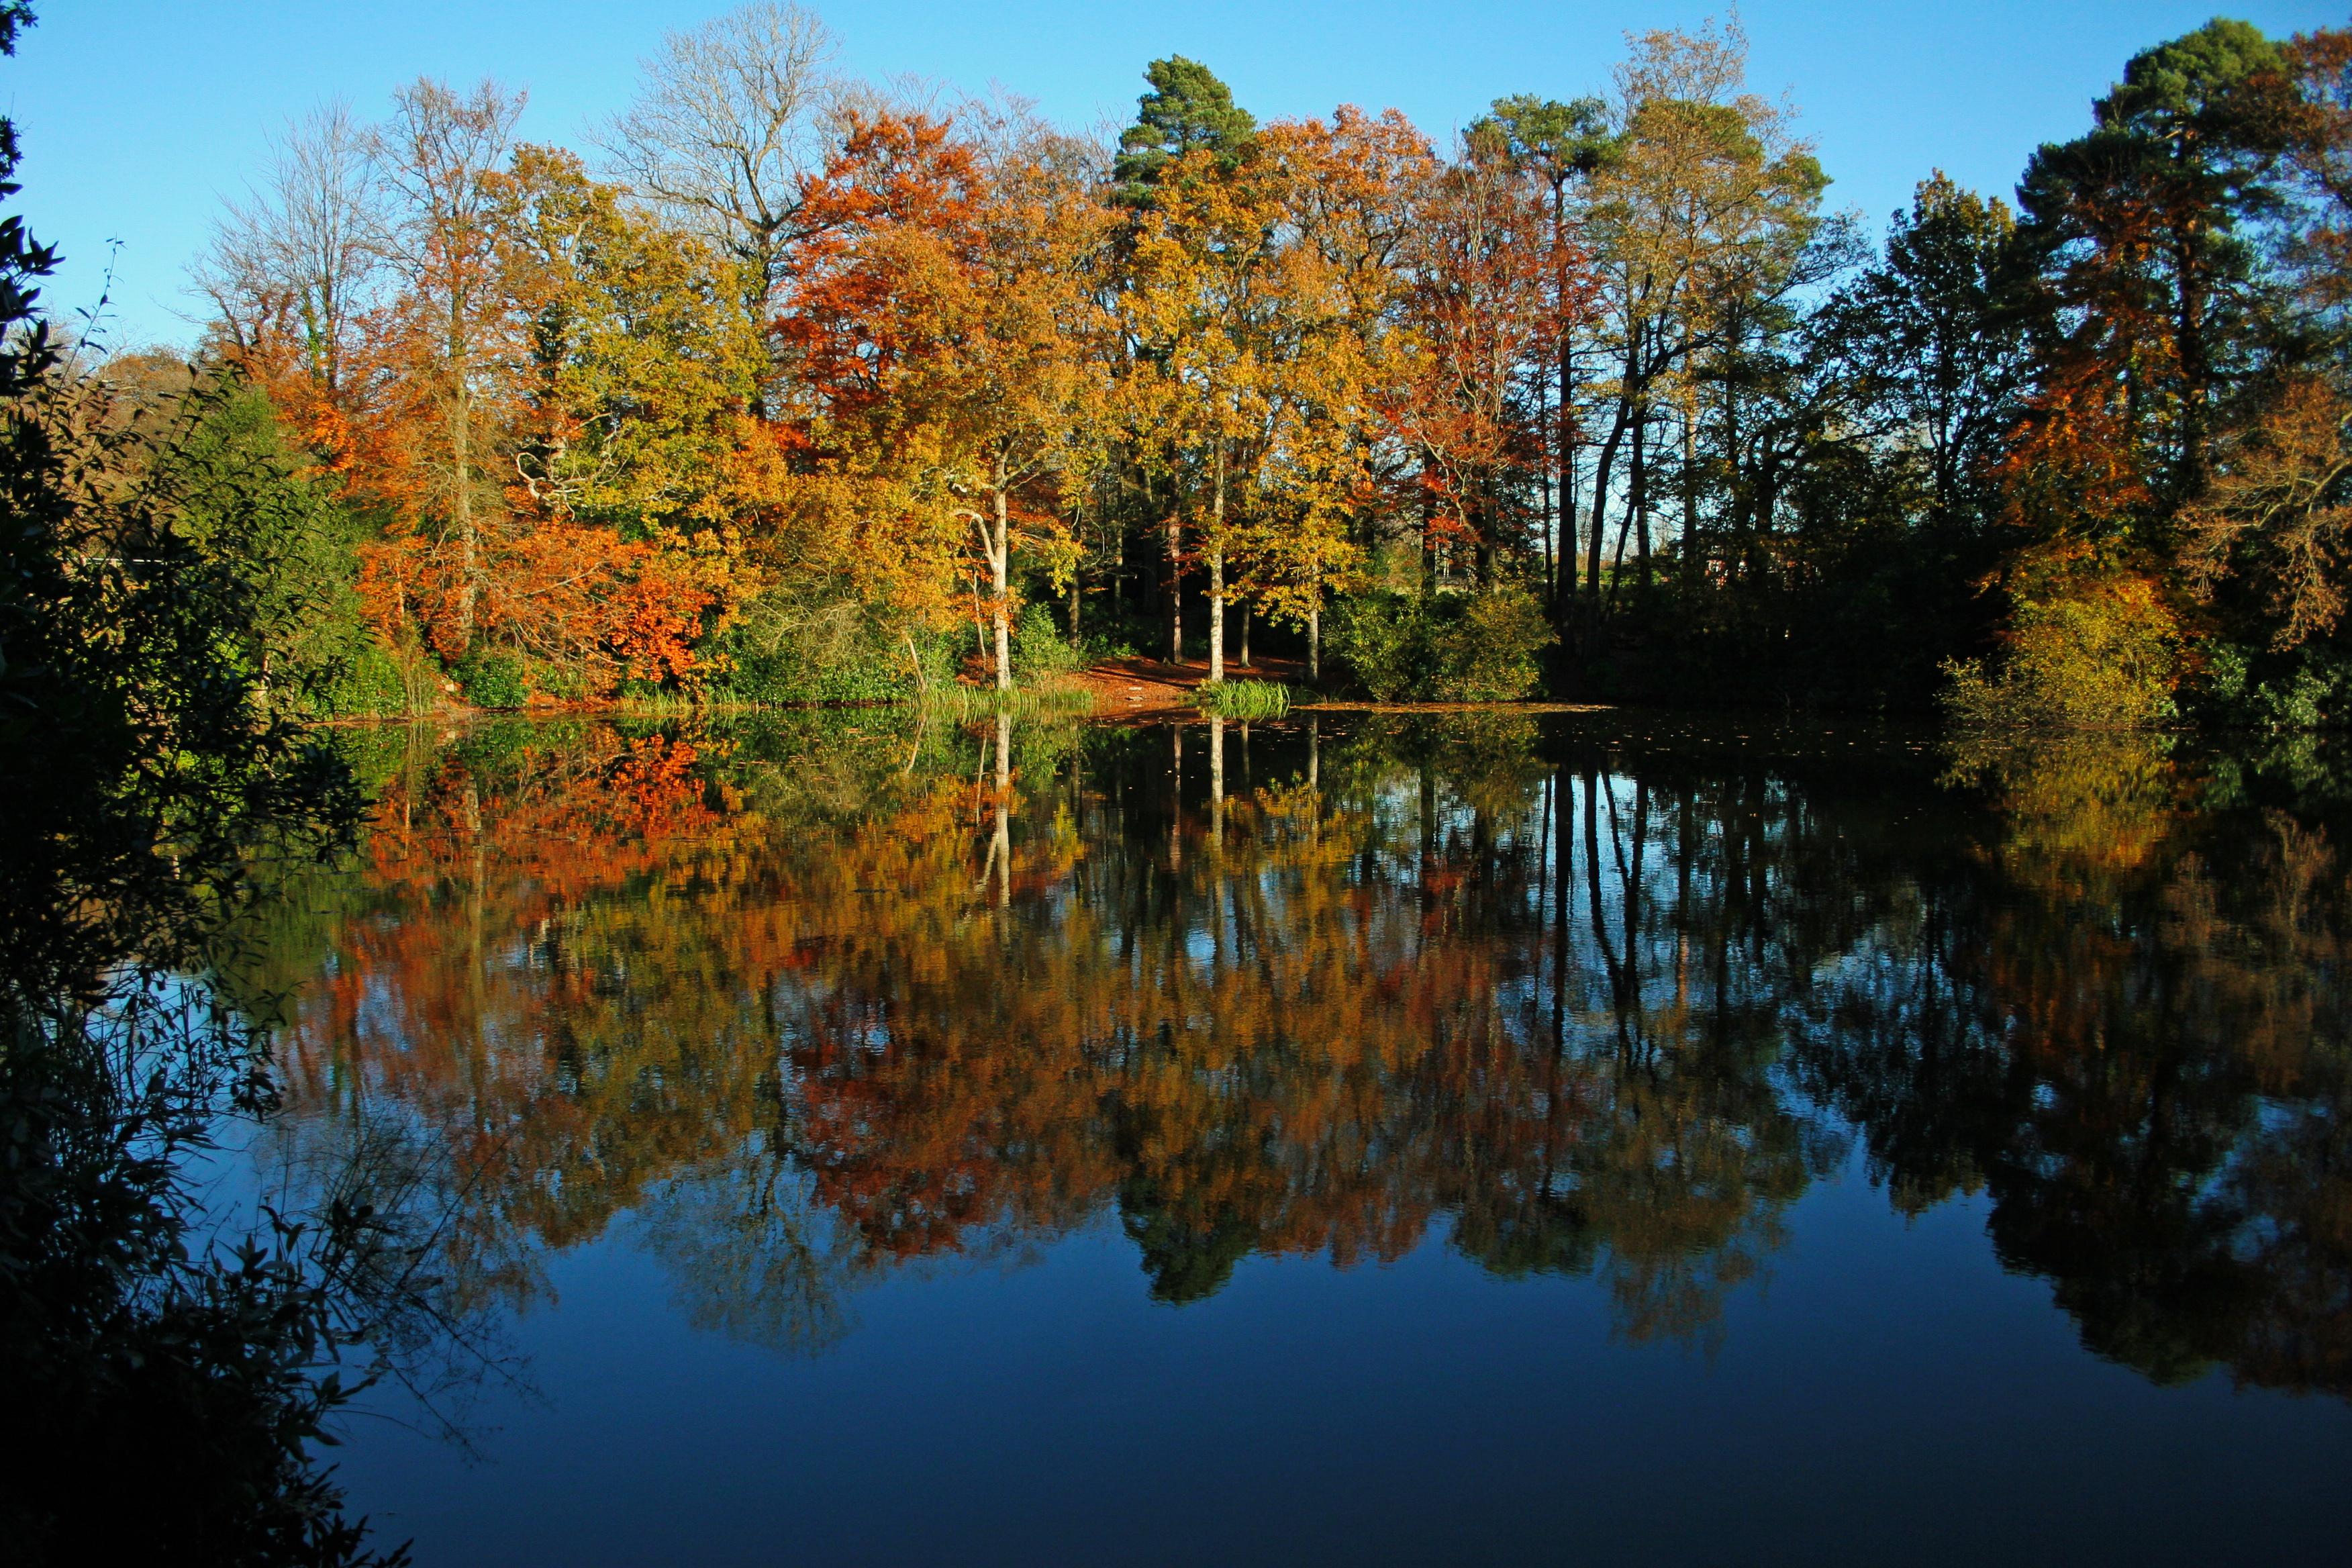 Autumn pond 3